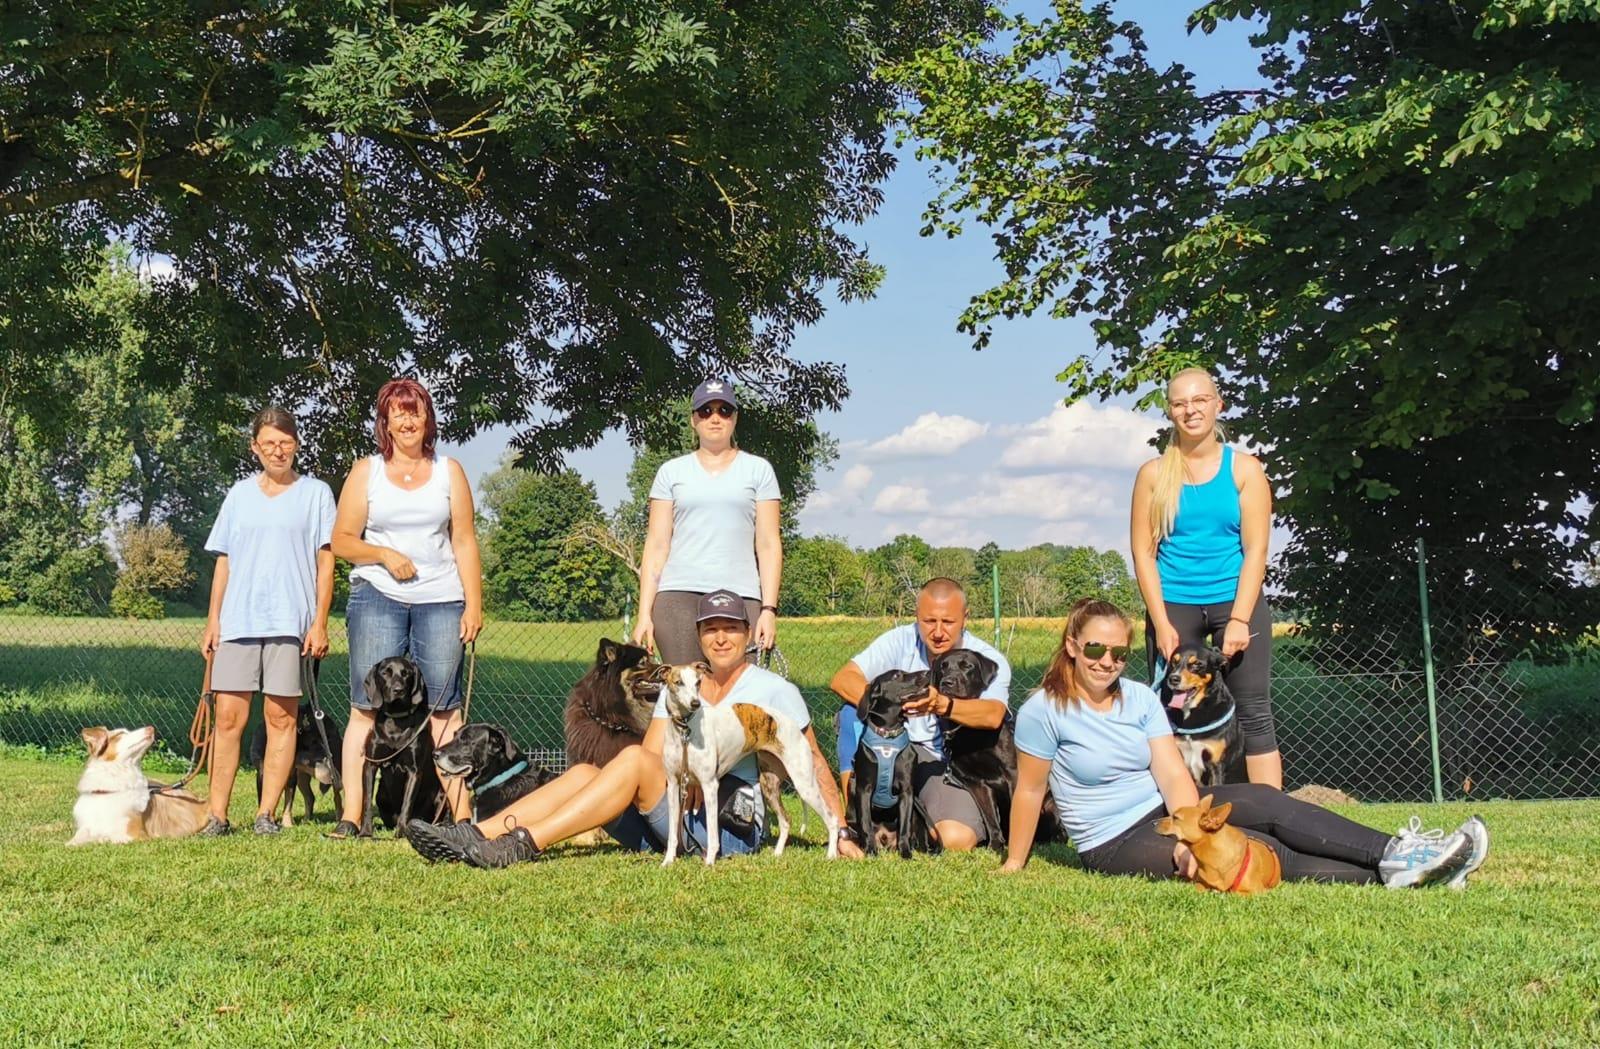 Agilityteilnehmer aus der Hundeschule Waldstetten am Turnier in Bächingen